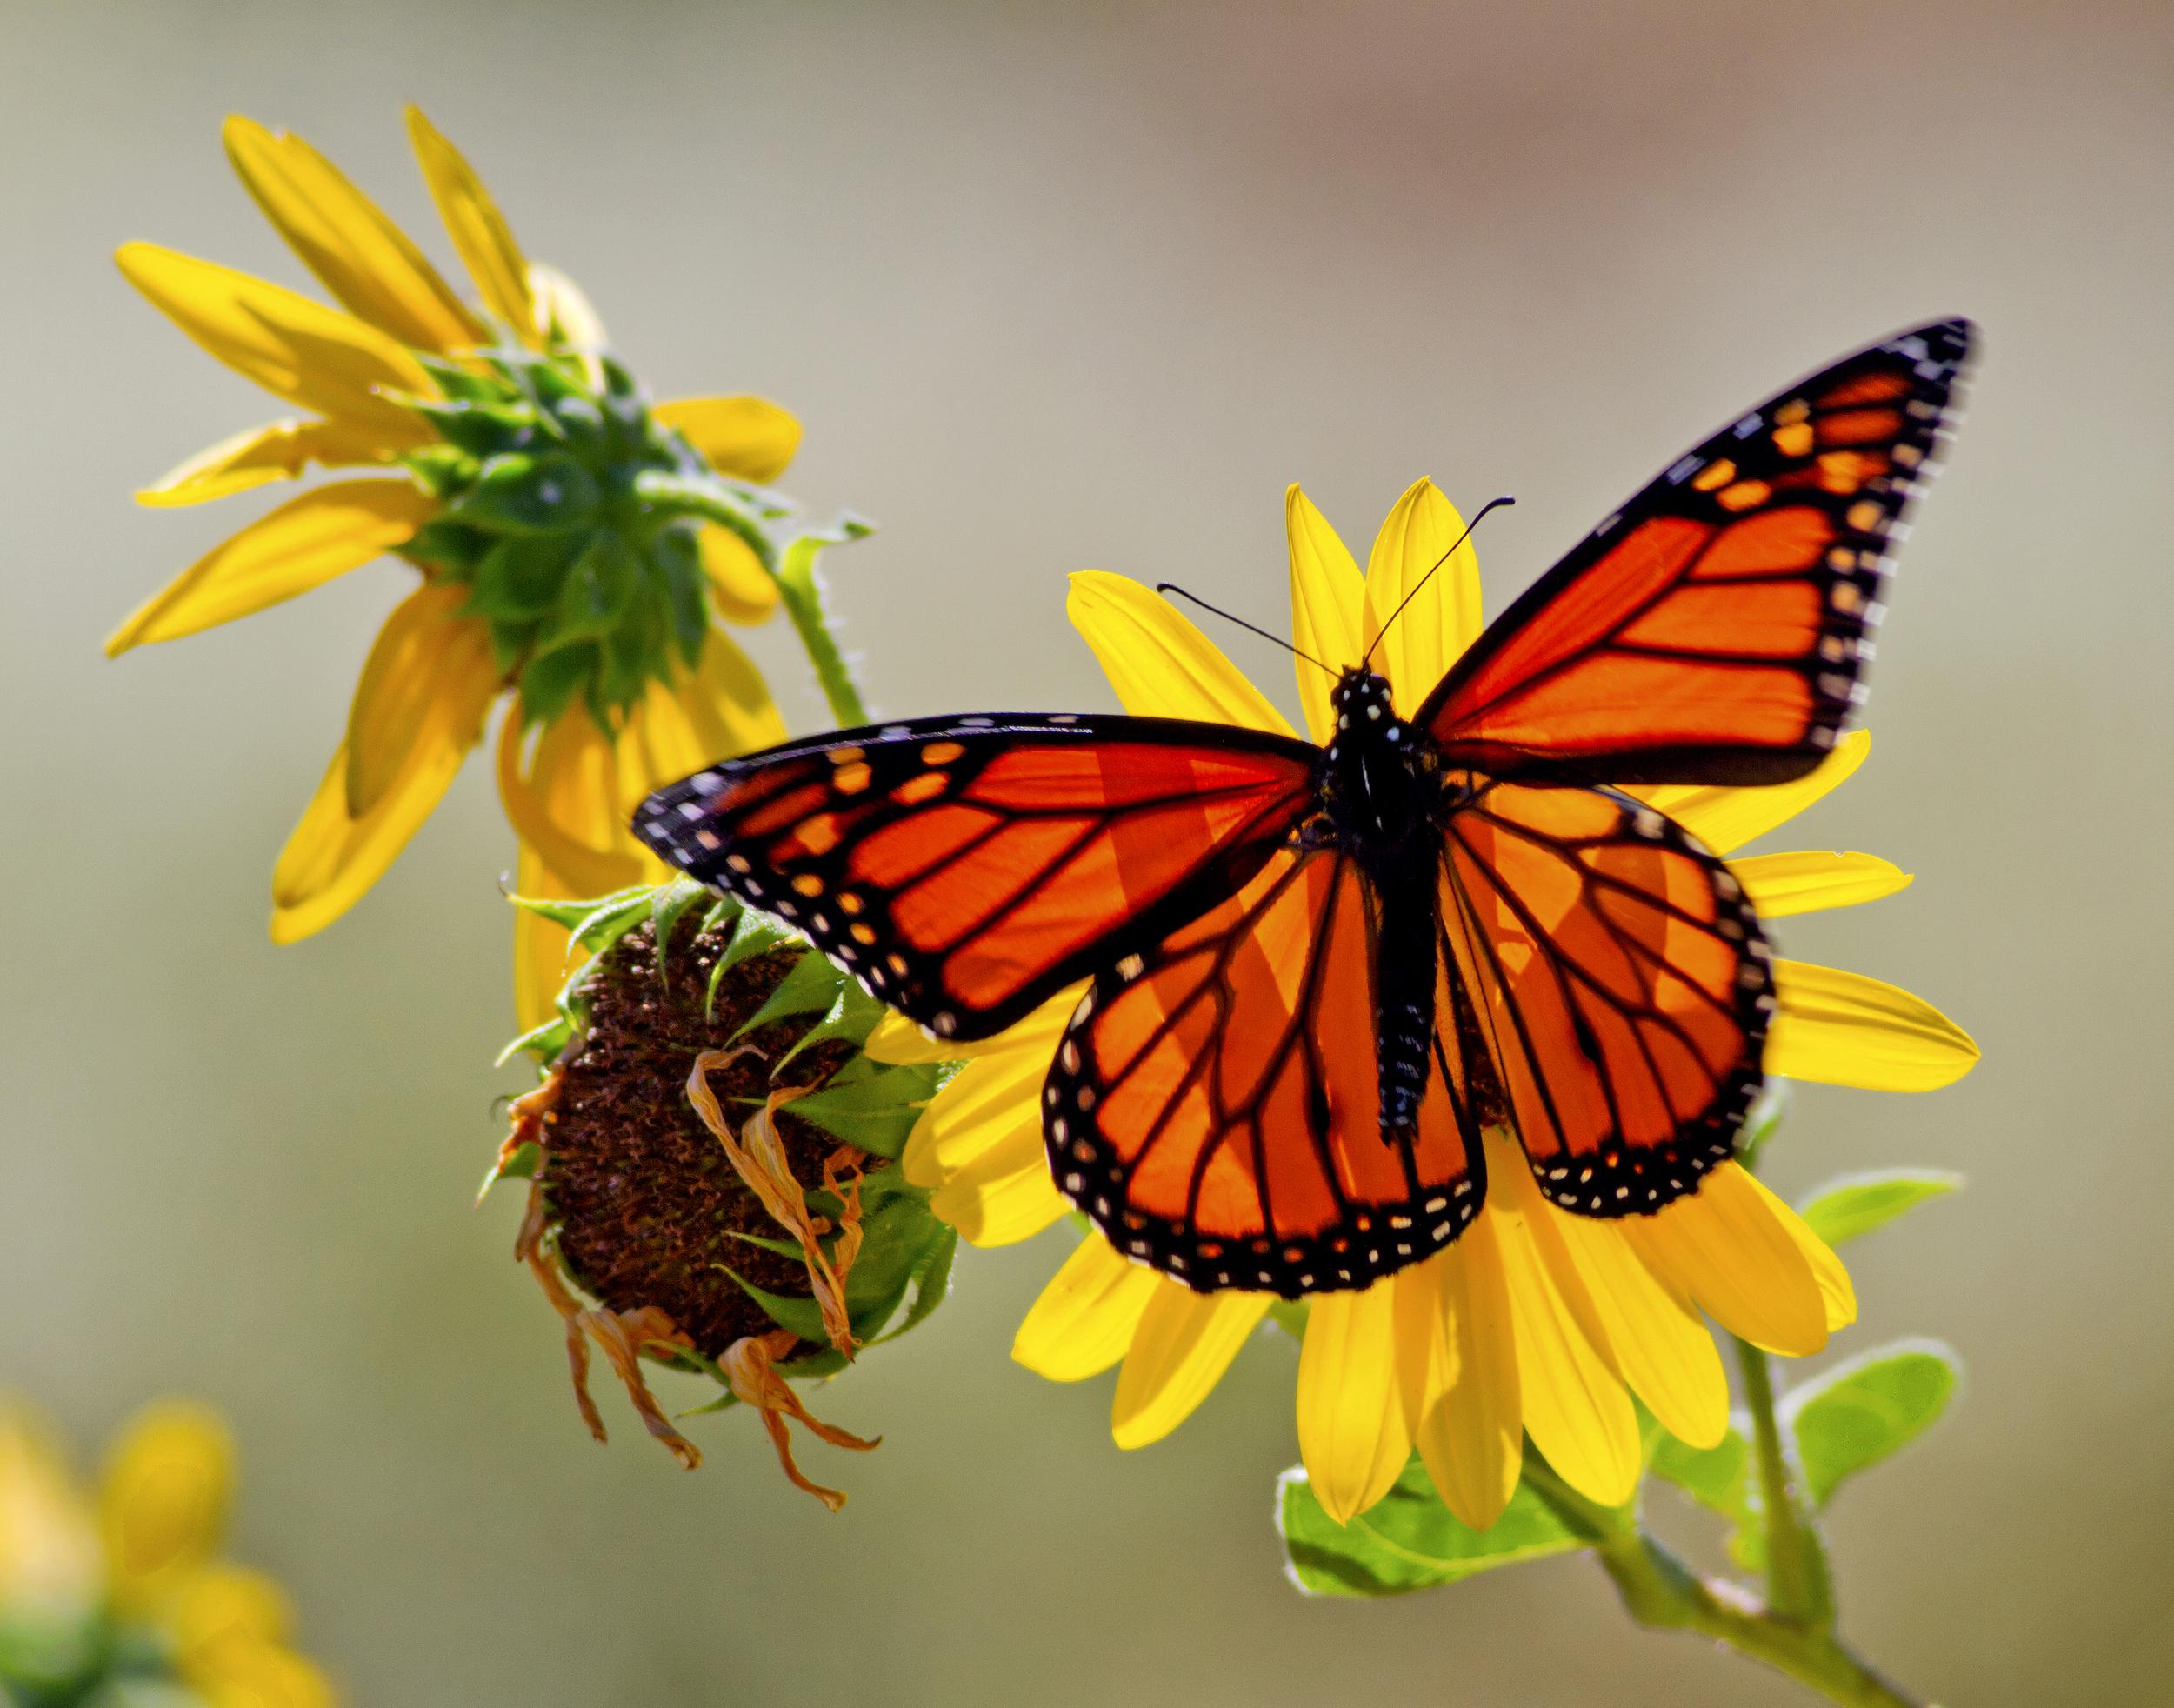 138 - Butterfly